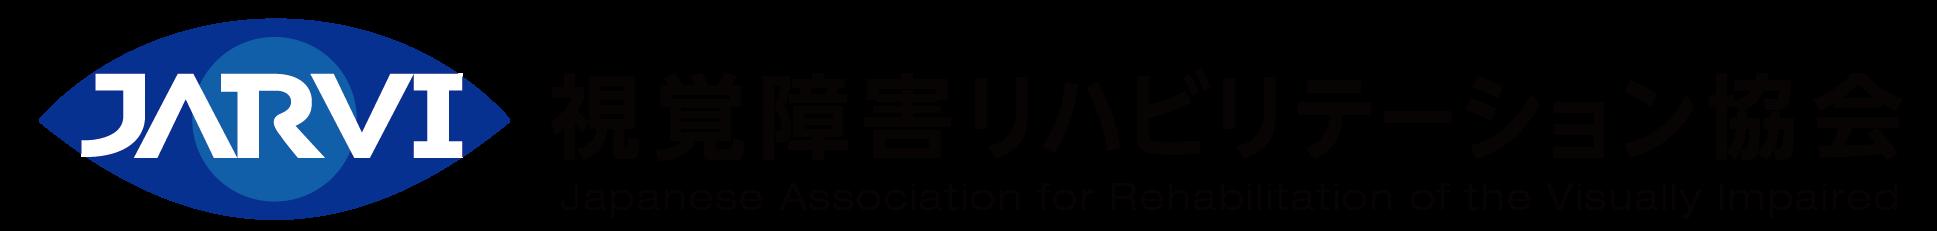 視覚障害リハビリテーション協会ロゴと名称